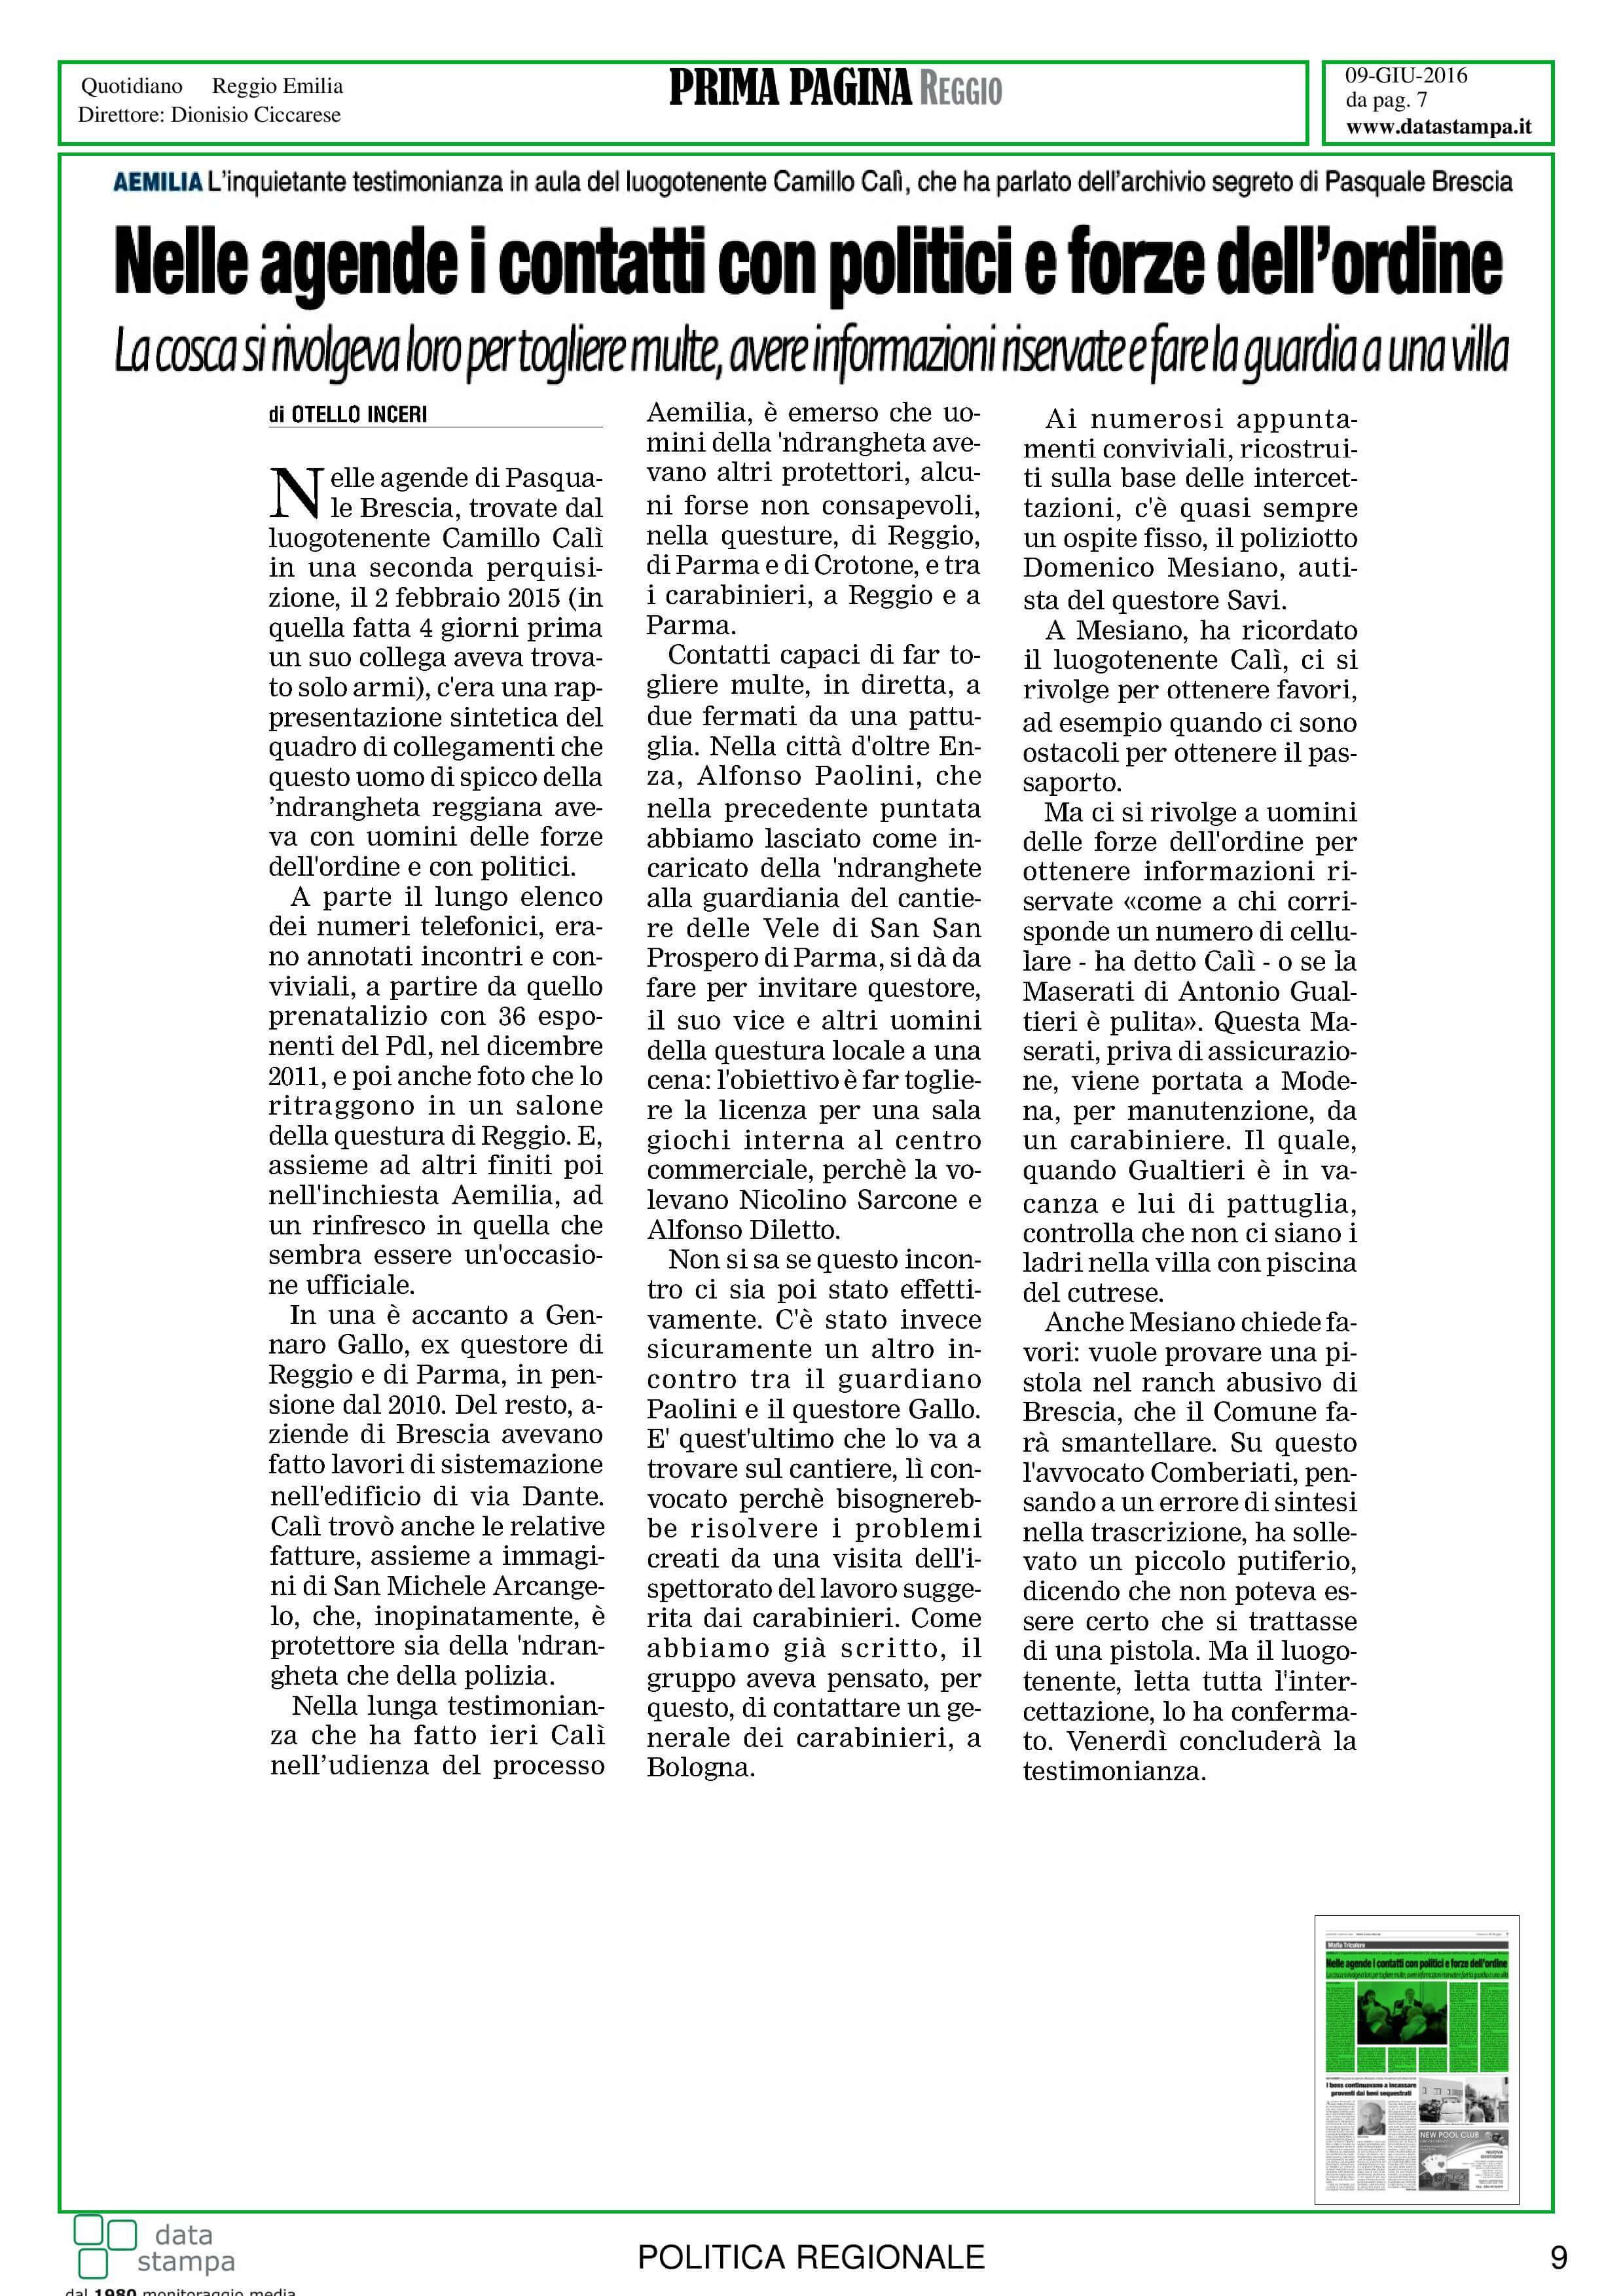 mafia-legalita-in-er-9-10-giugno-page-010